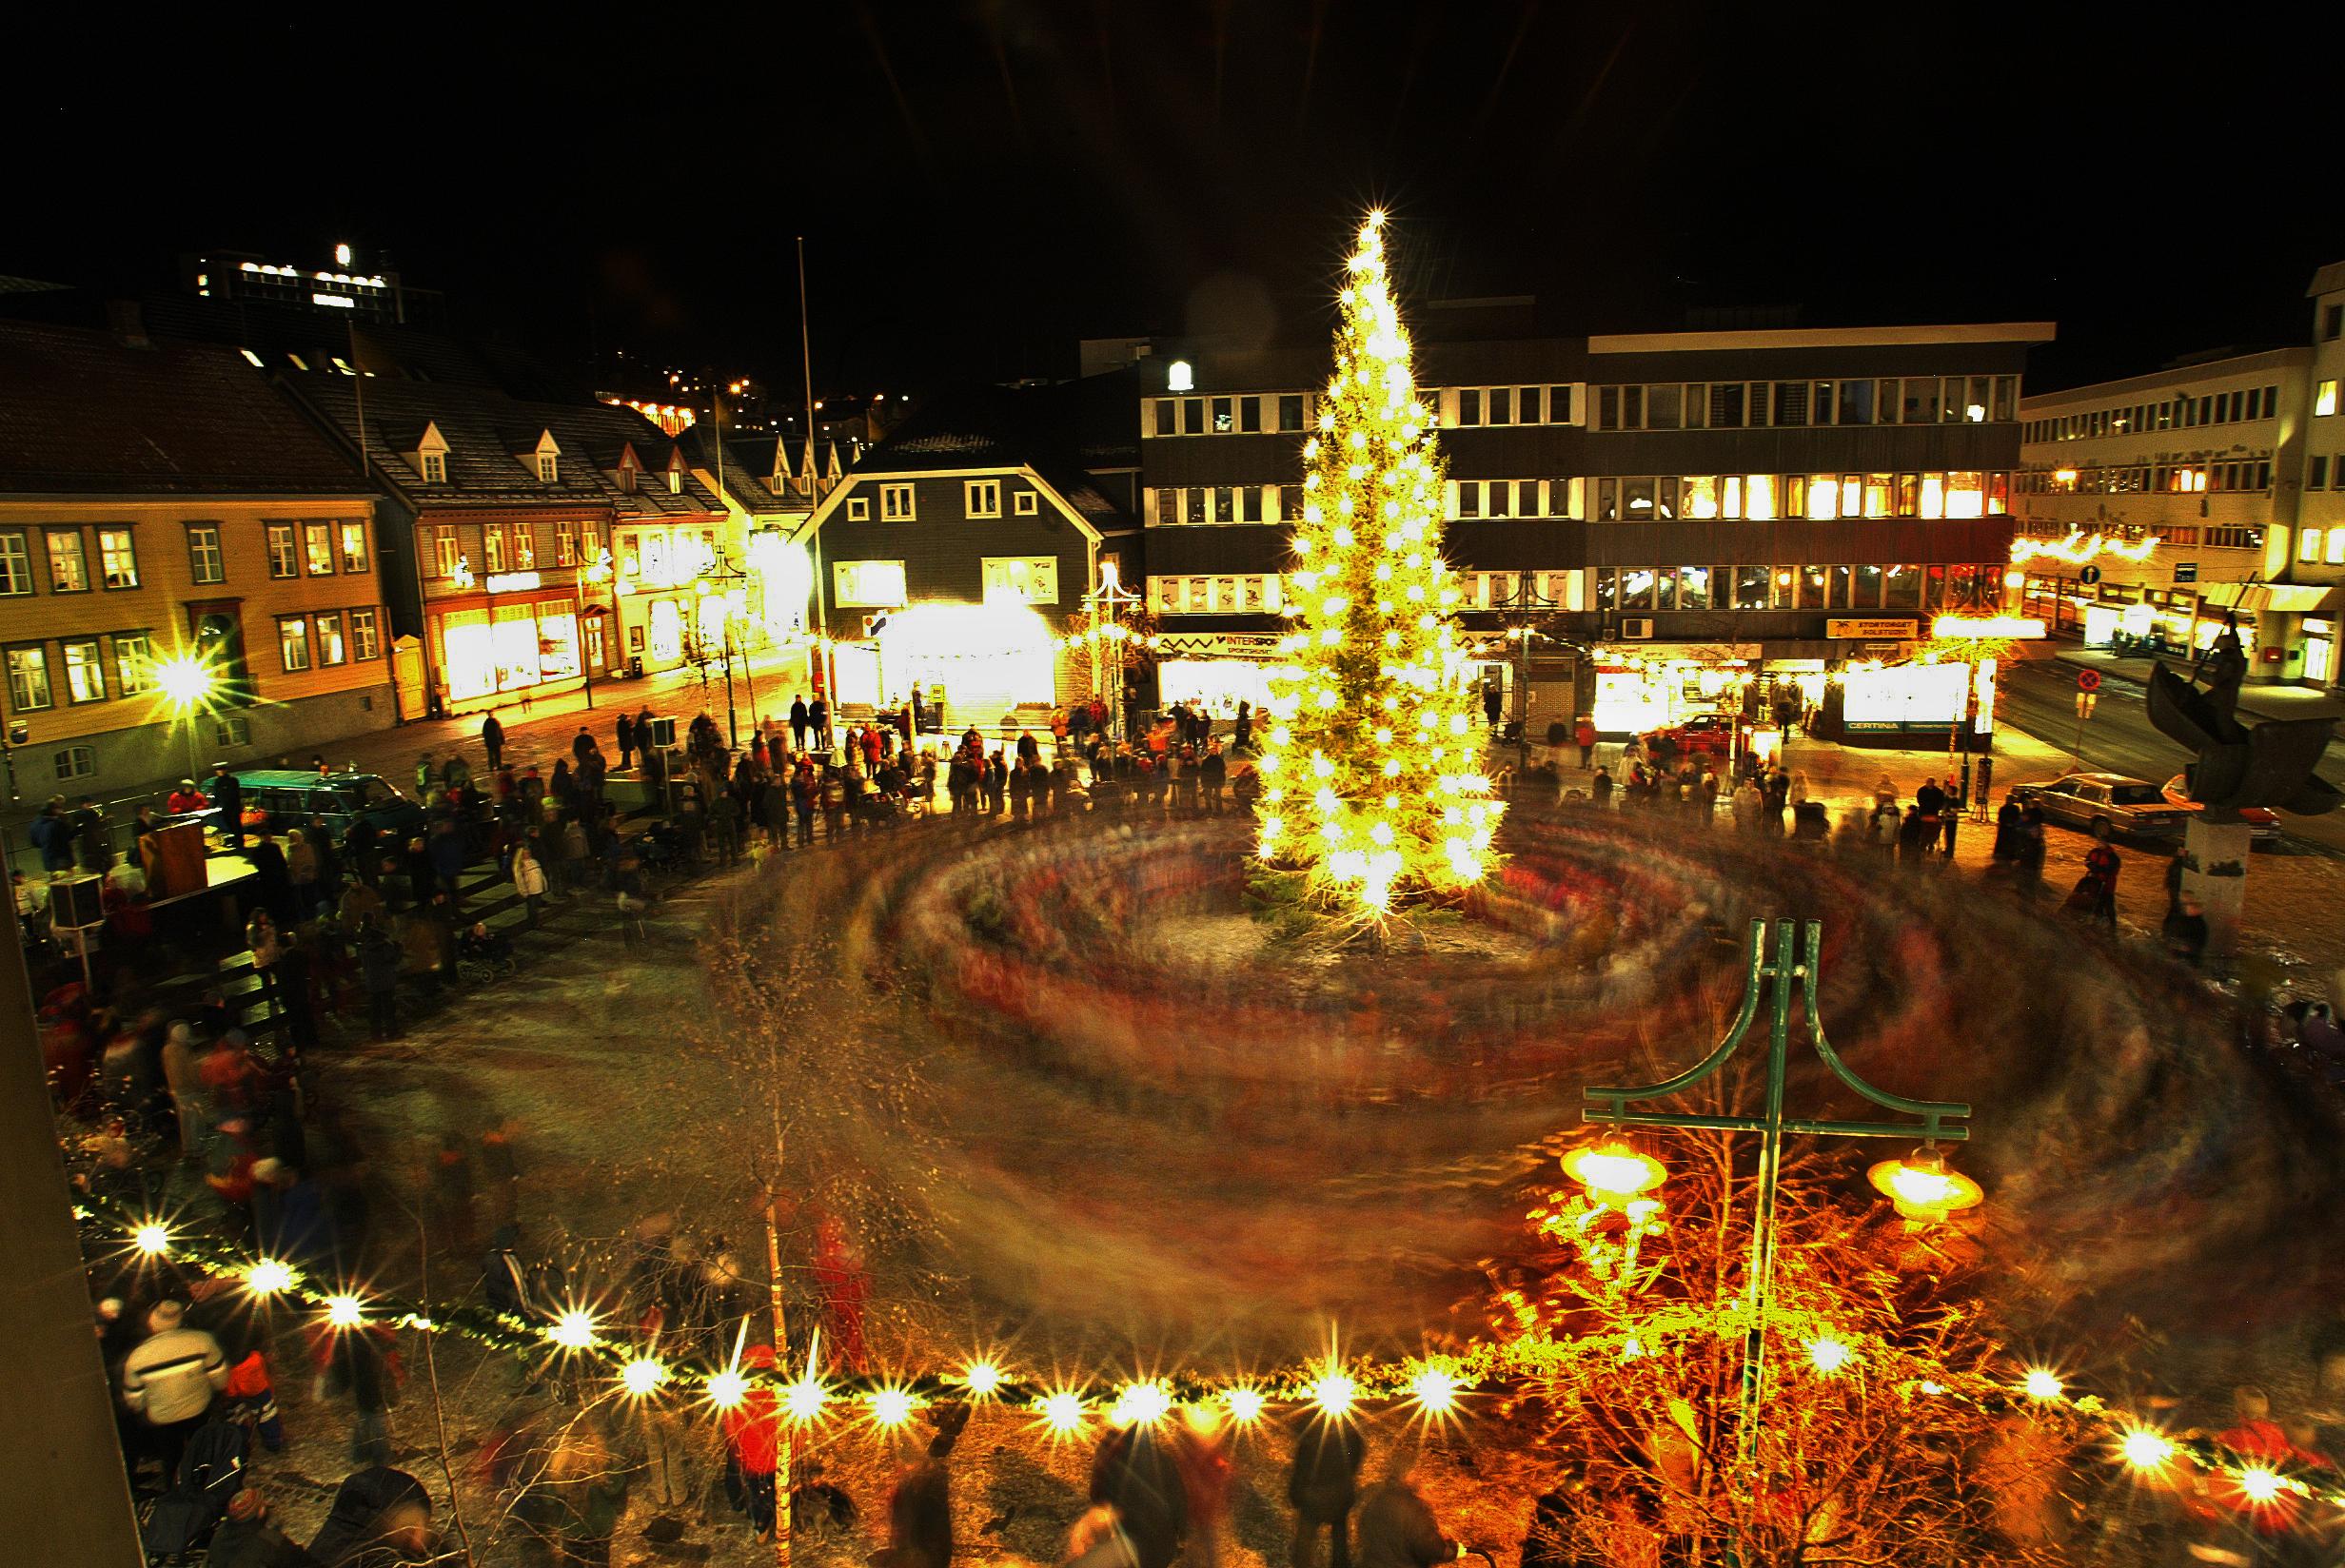 Lisas Erster Weihnachtsbaum.Nordische Weihnachtstraditionen Besser Nord Als Nie